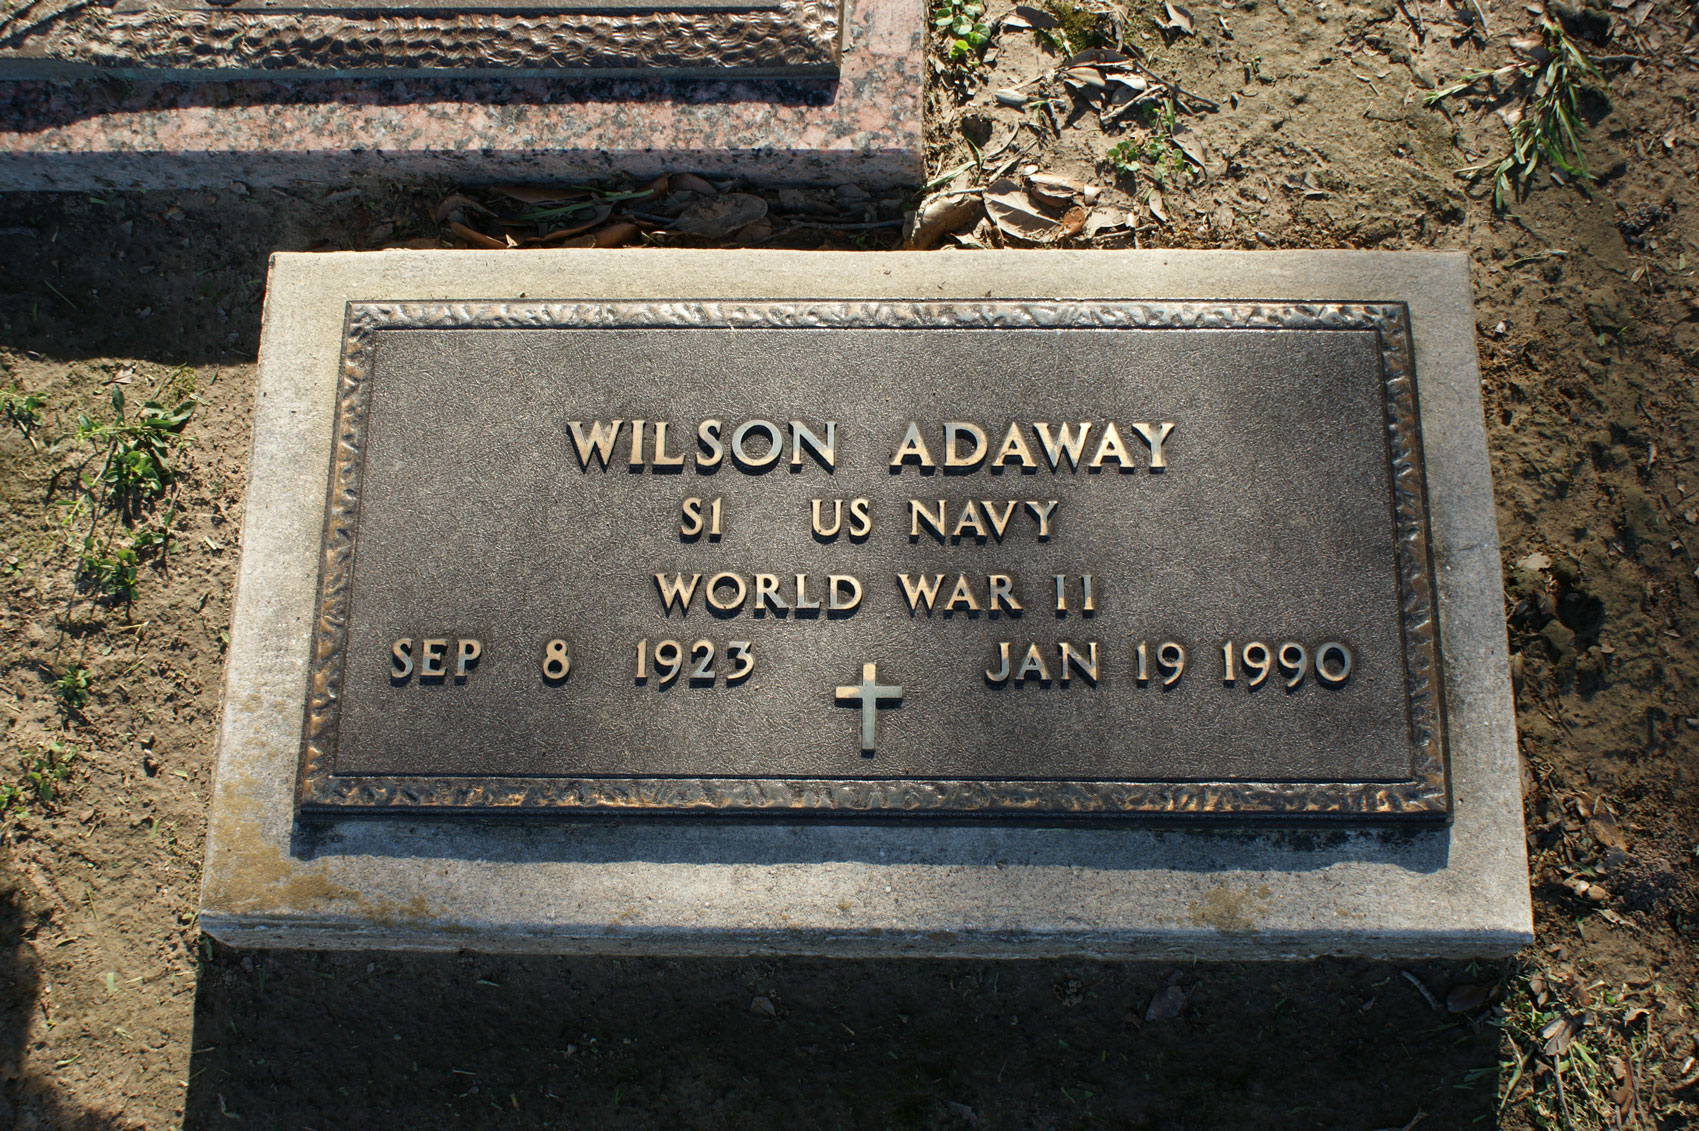 Wilson Adaway, Sr